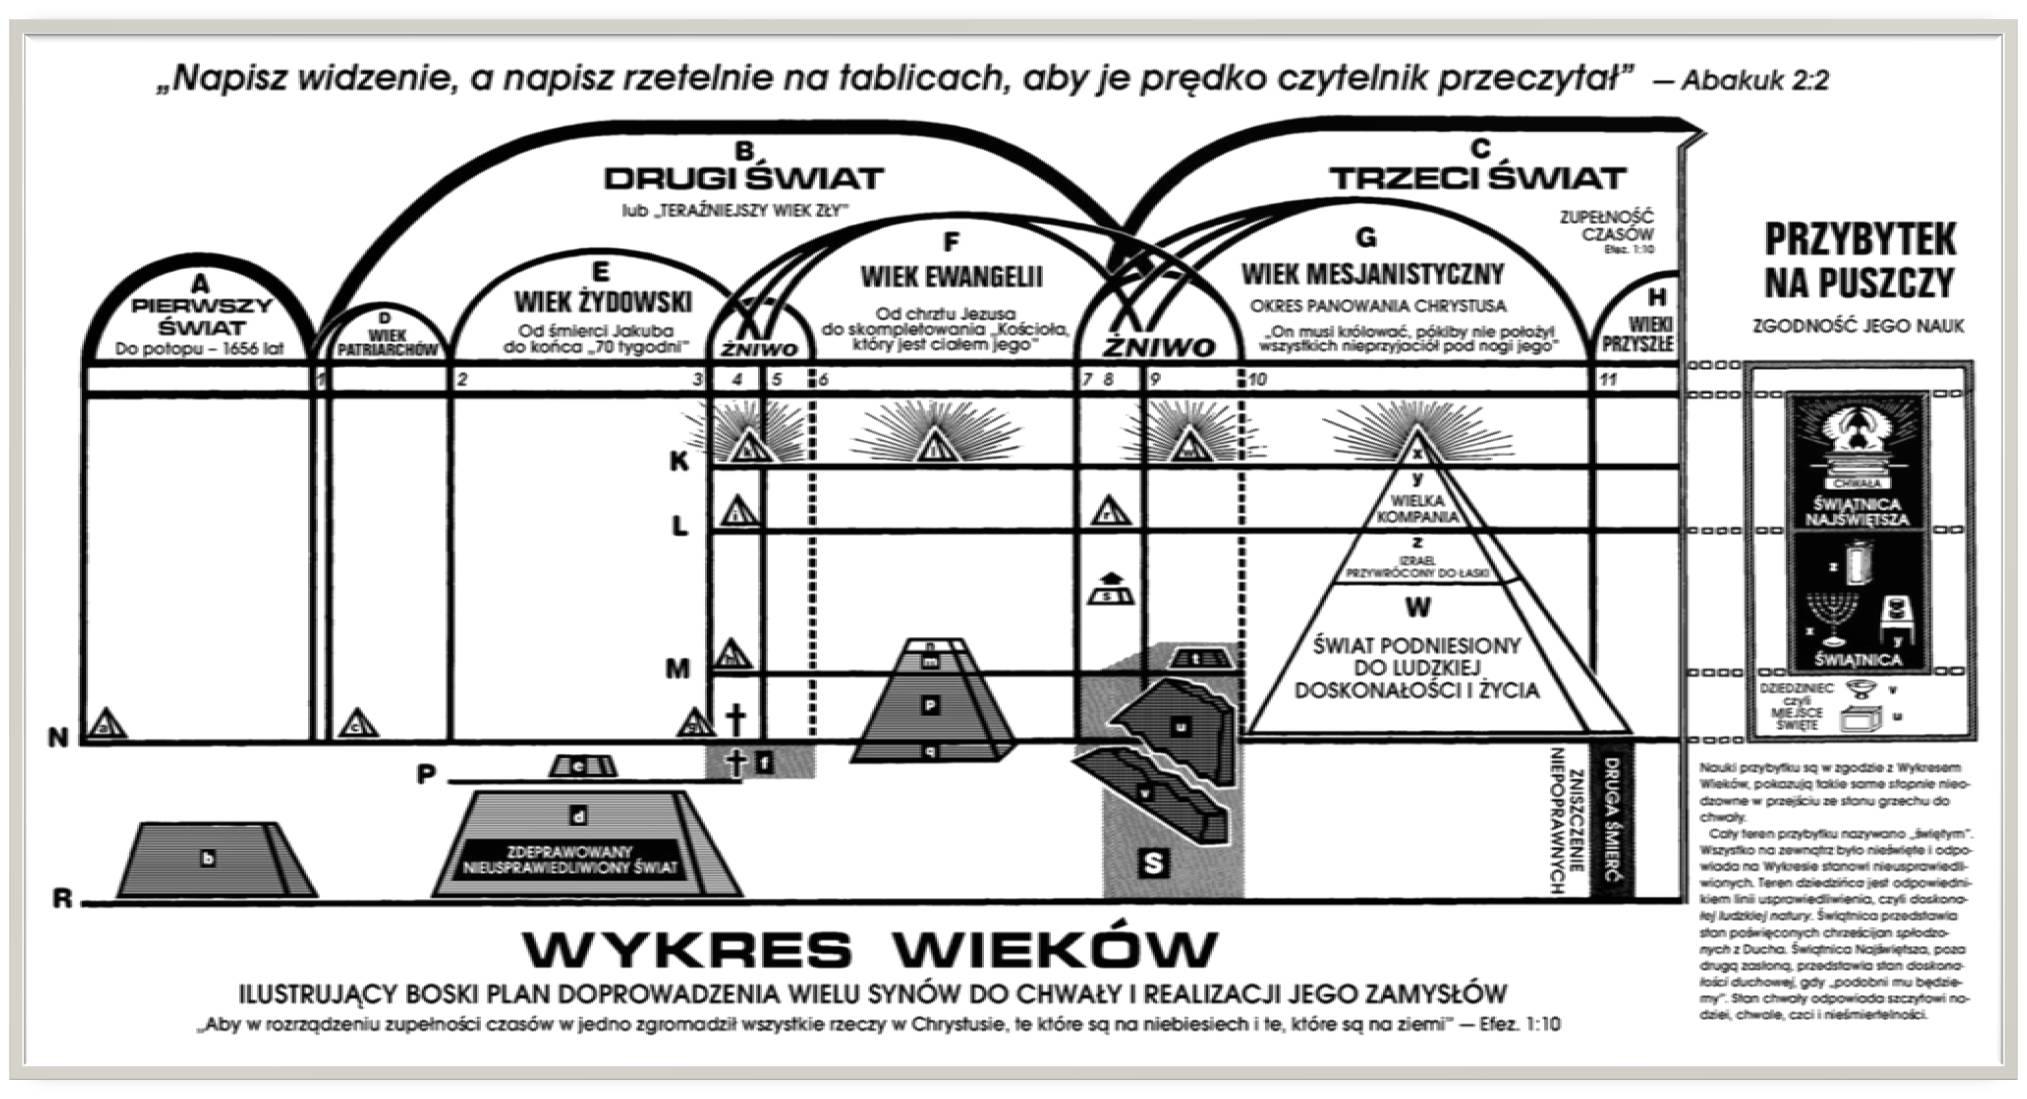 Wykres Wieków